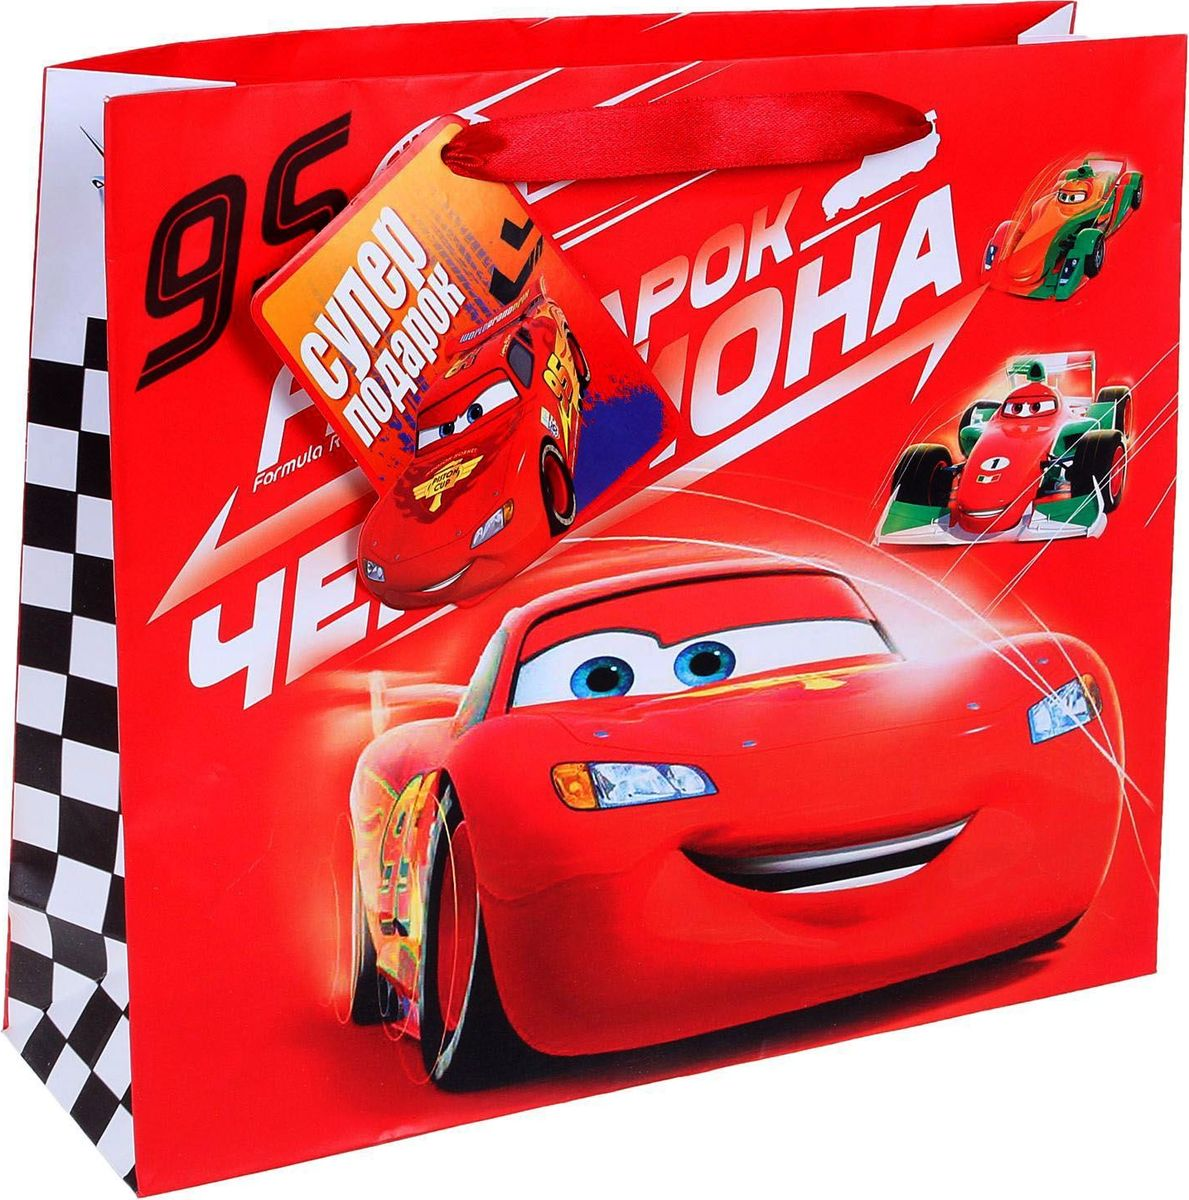 Disney Пакет подарочный Подарок чемпиона 27 х 23 см -  Подарочная упаковка